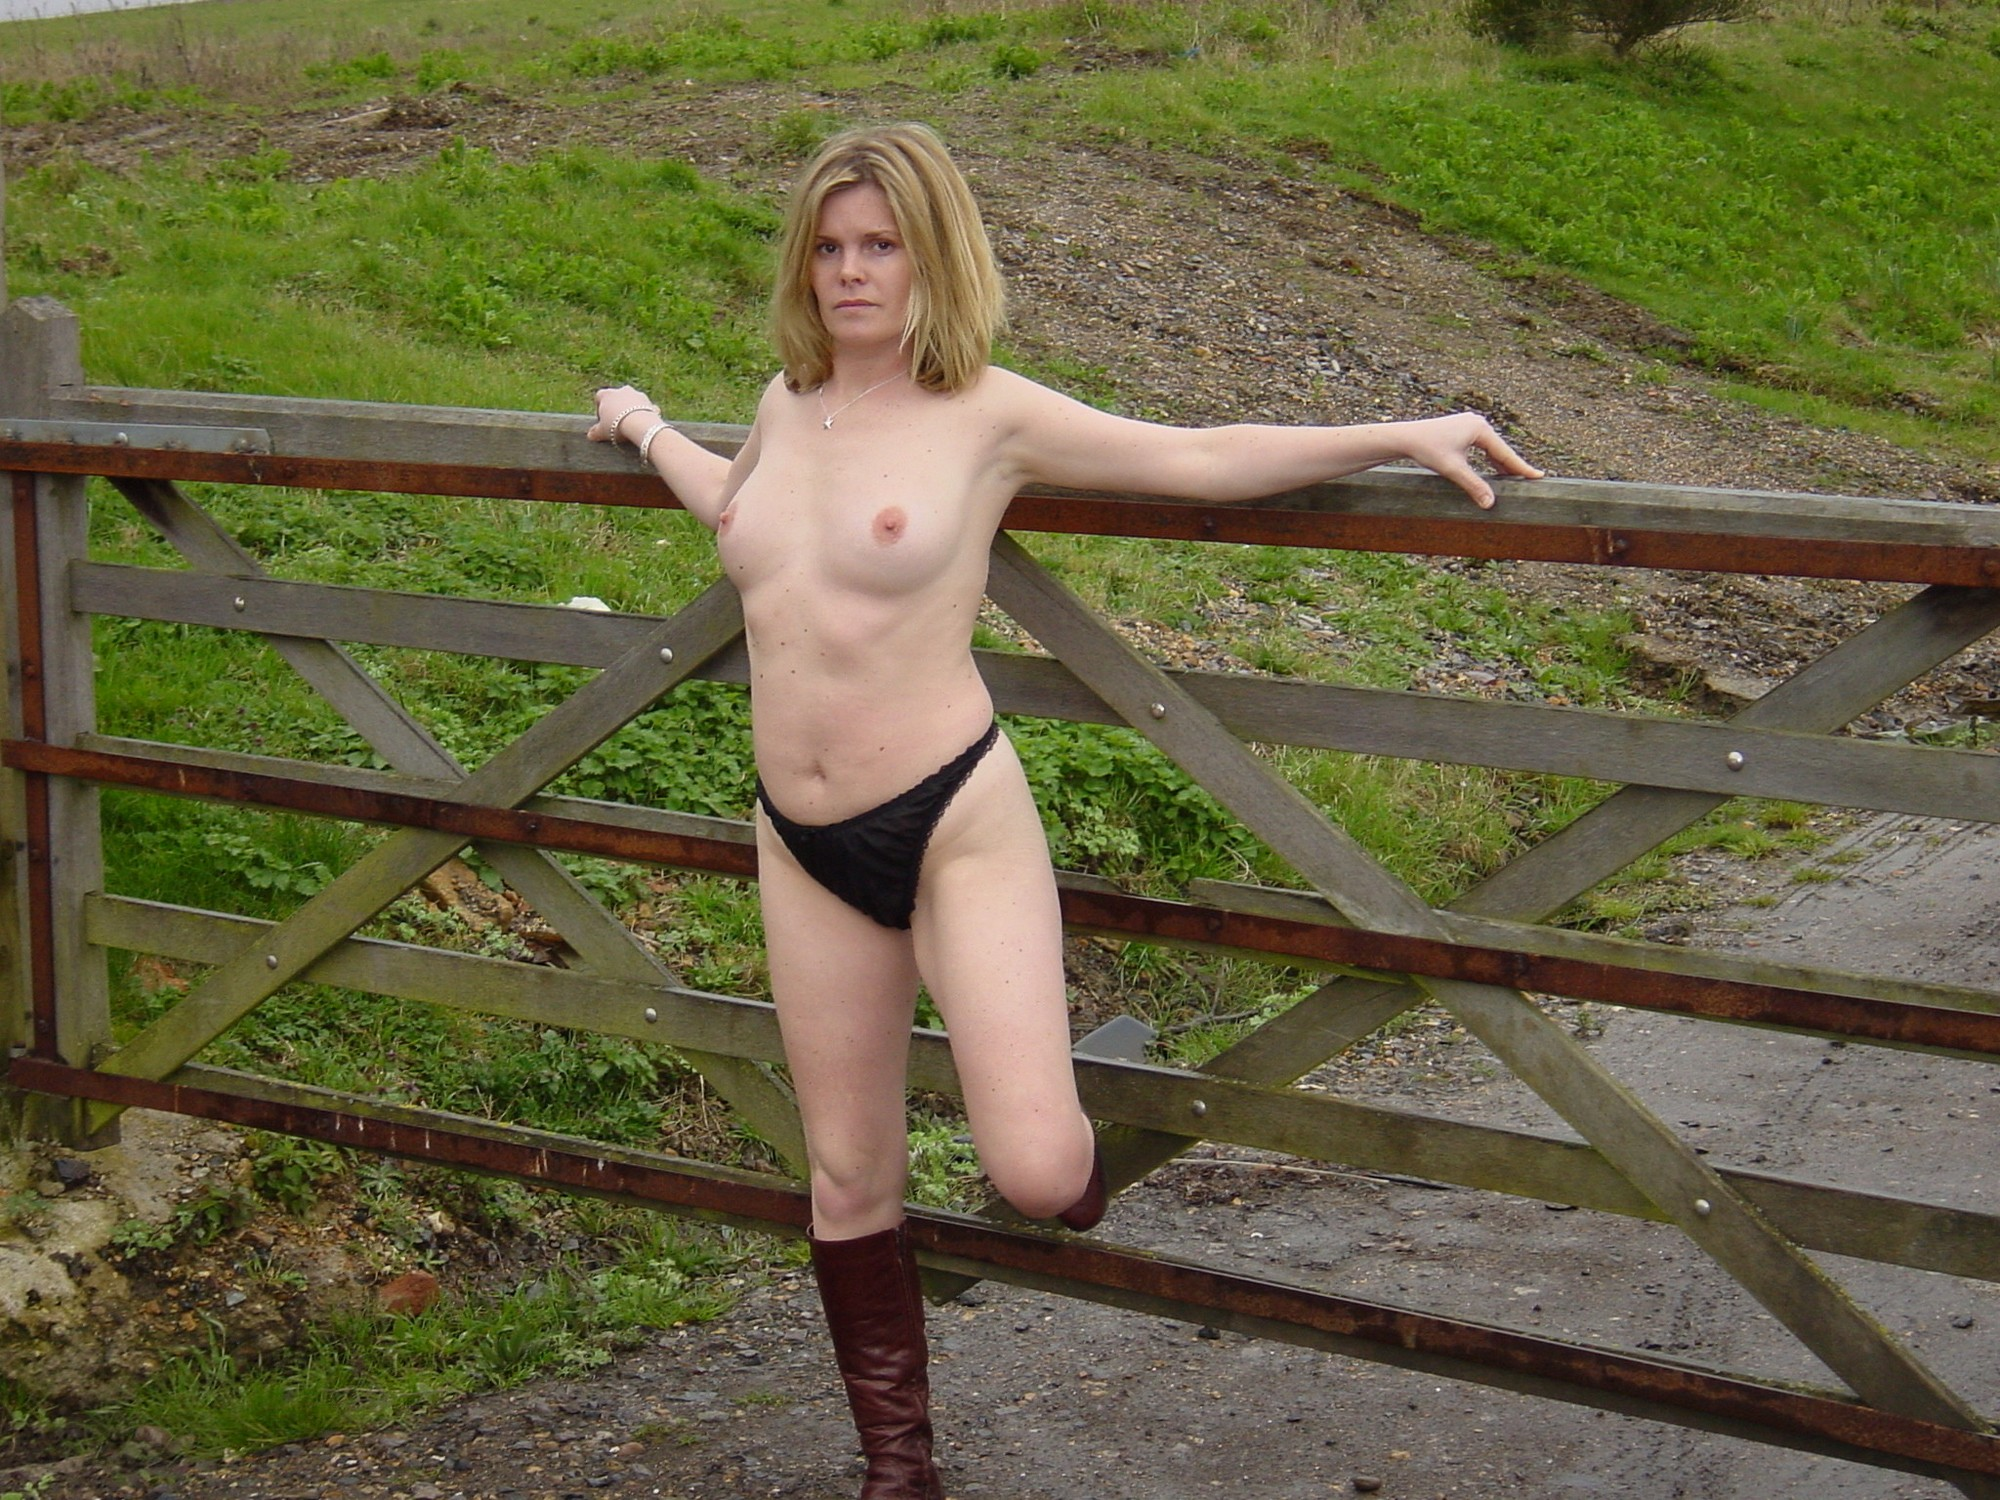 Шлюха щеголяет по ранчо в одних трусиках